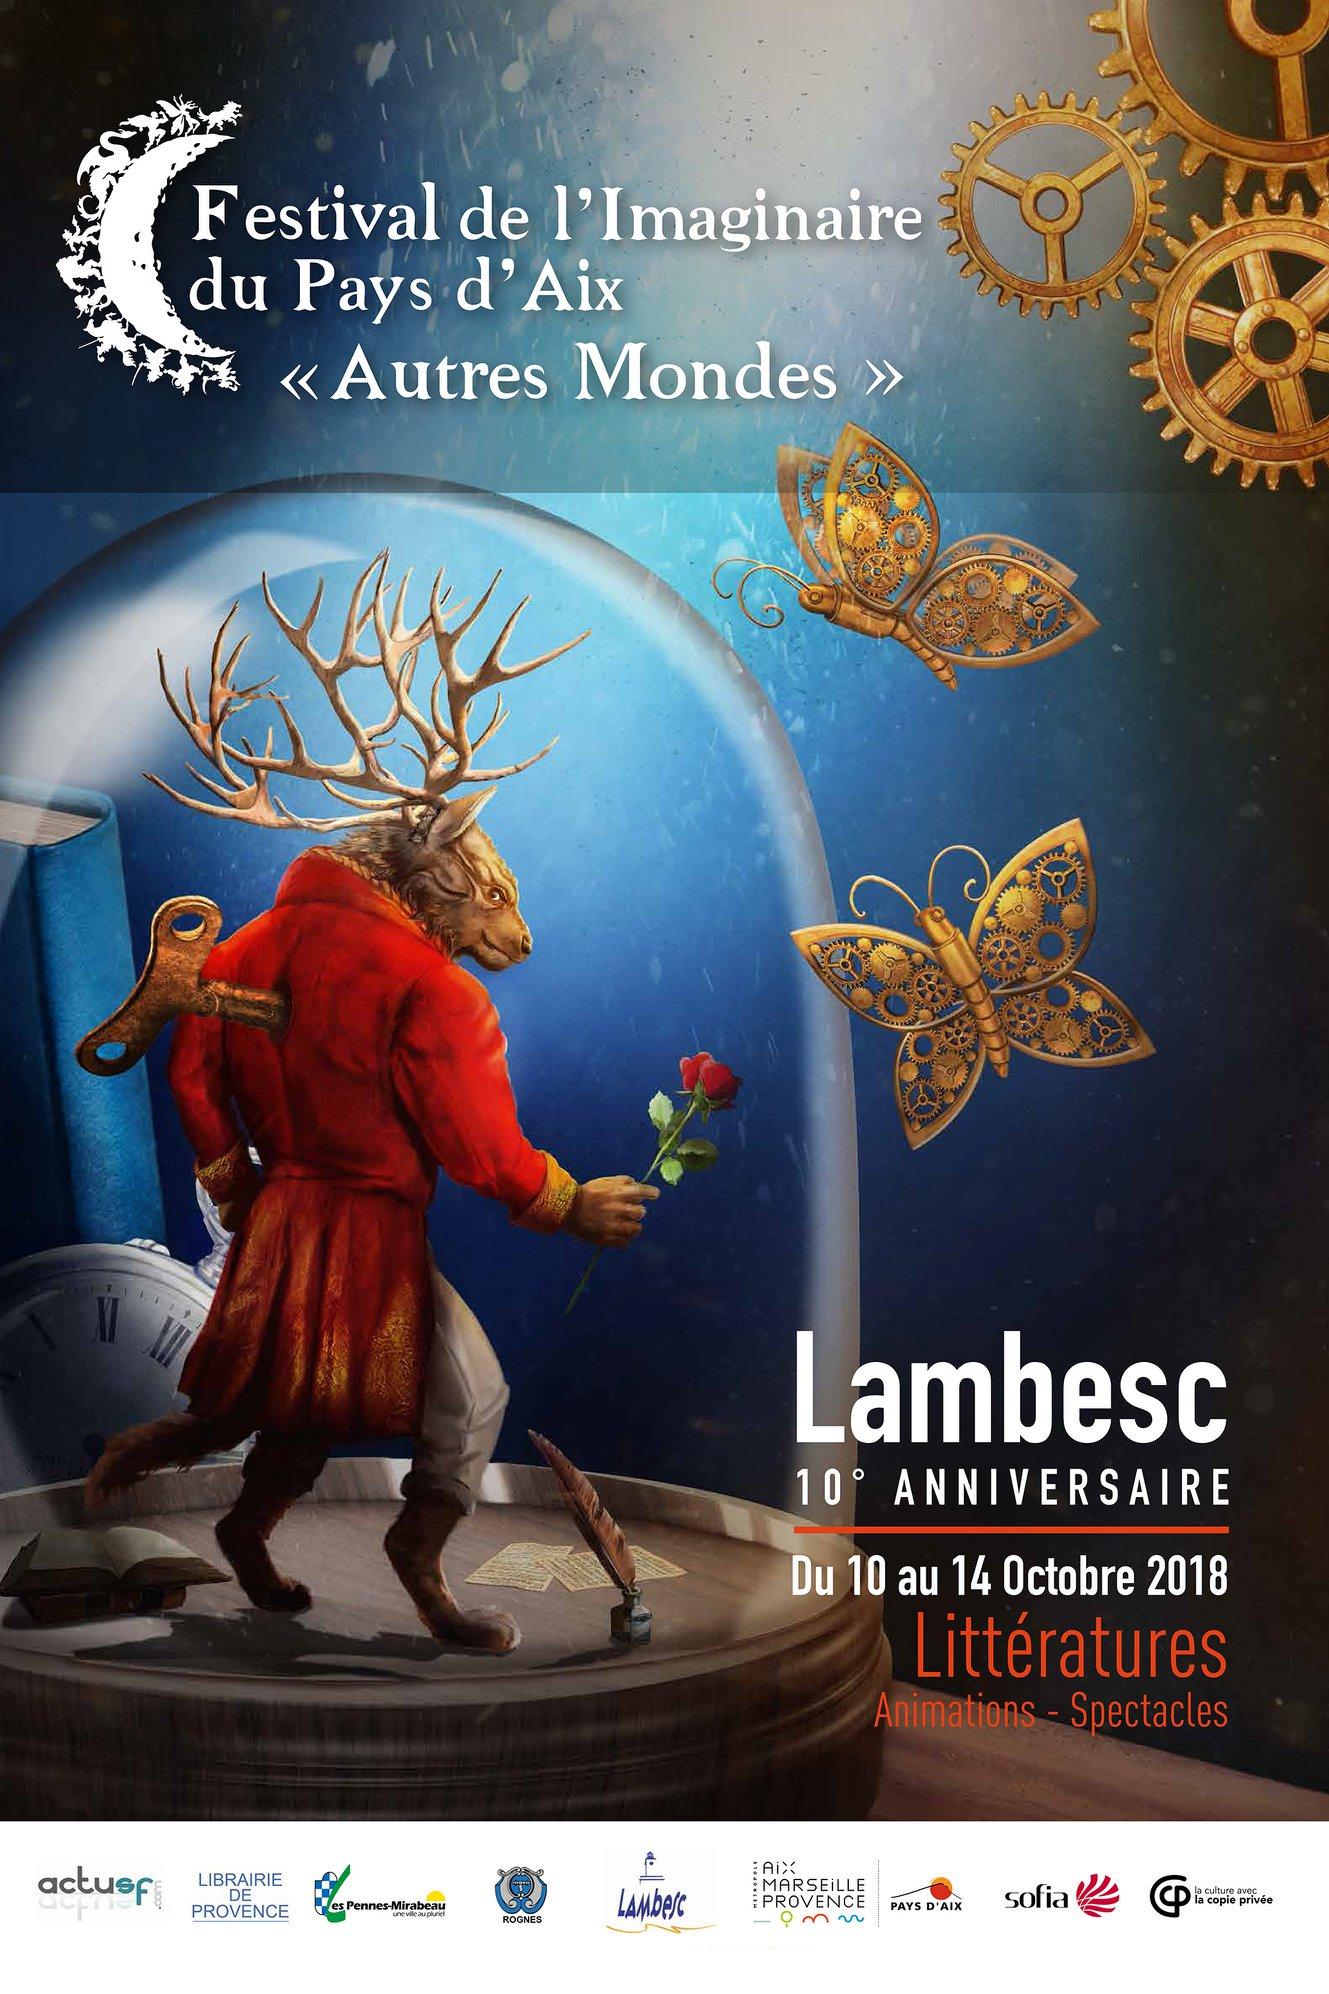 Lambesc Festival de l'imaginaire du pays d'Aix